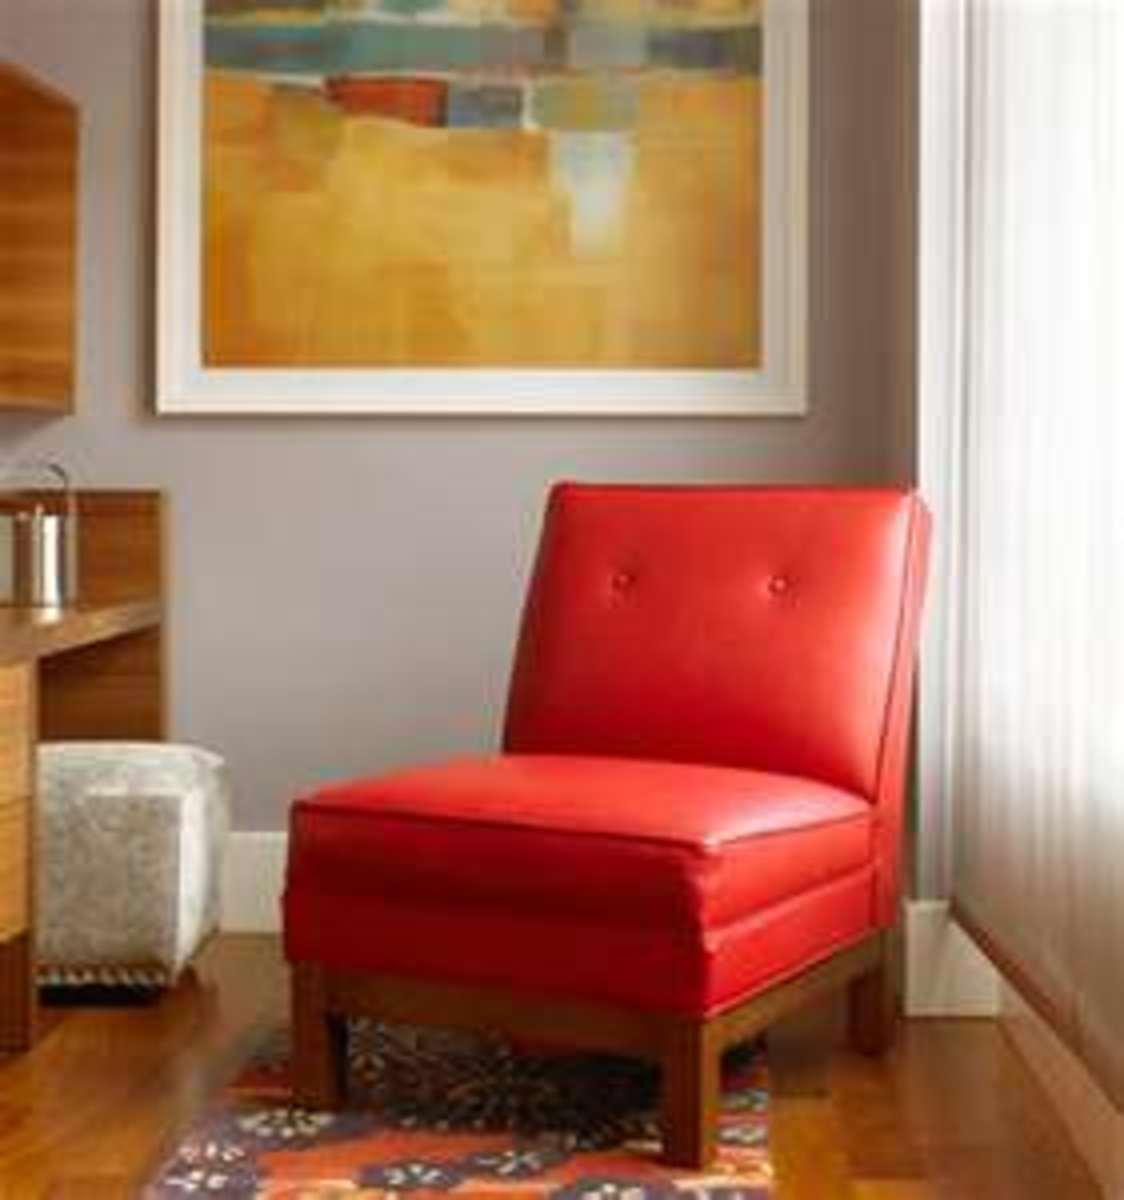 Image credit: http://www.joindes.com/interior-design/duane-street-hotel-designed-by-gene-kauf